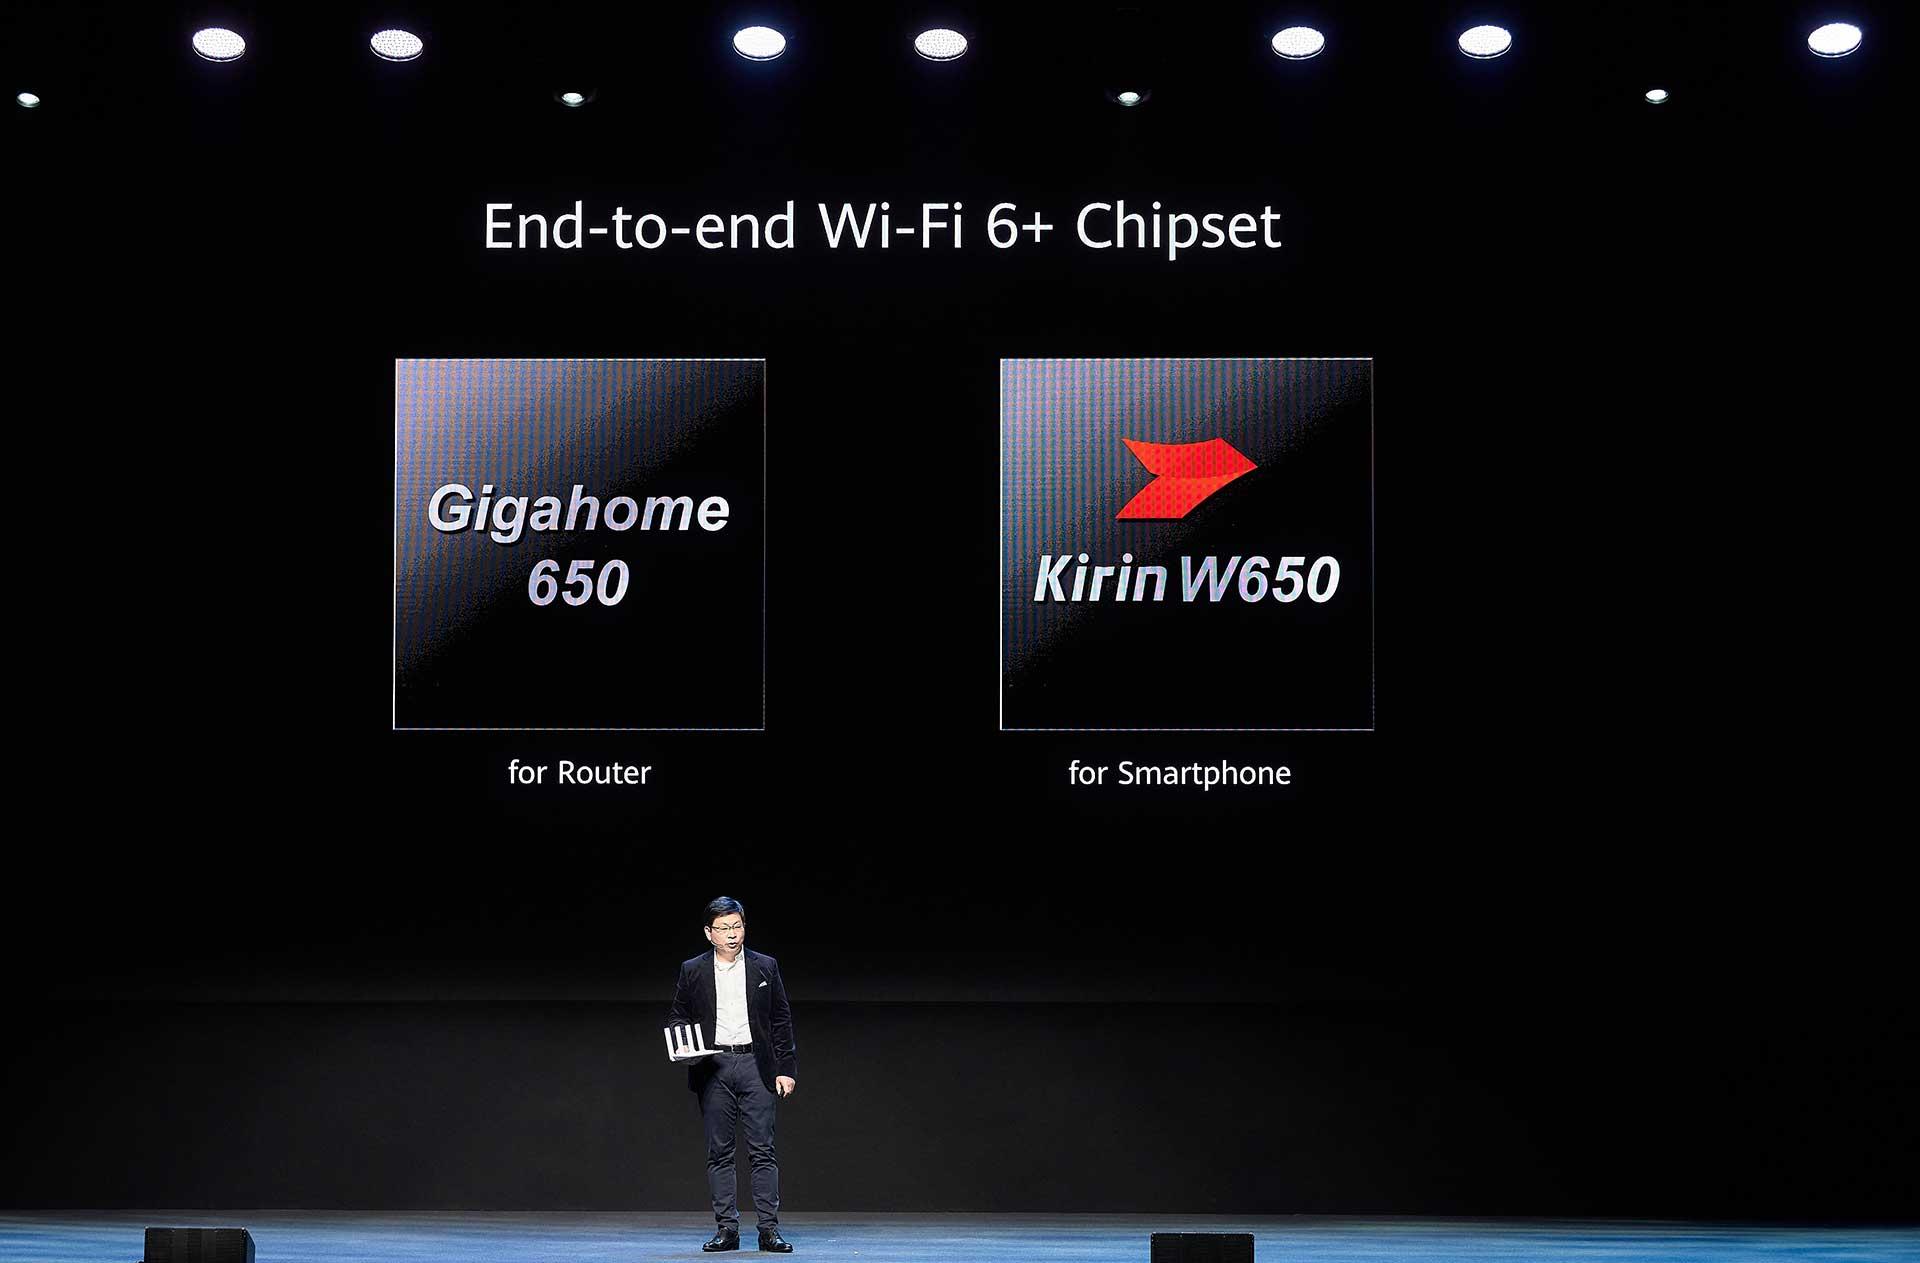 اولین تراشههای Wi-Fi 6+